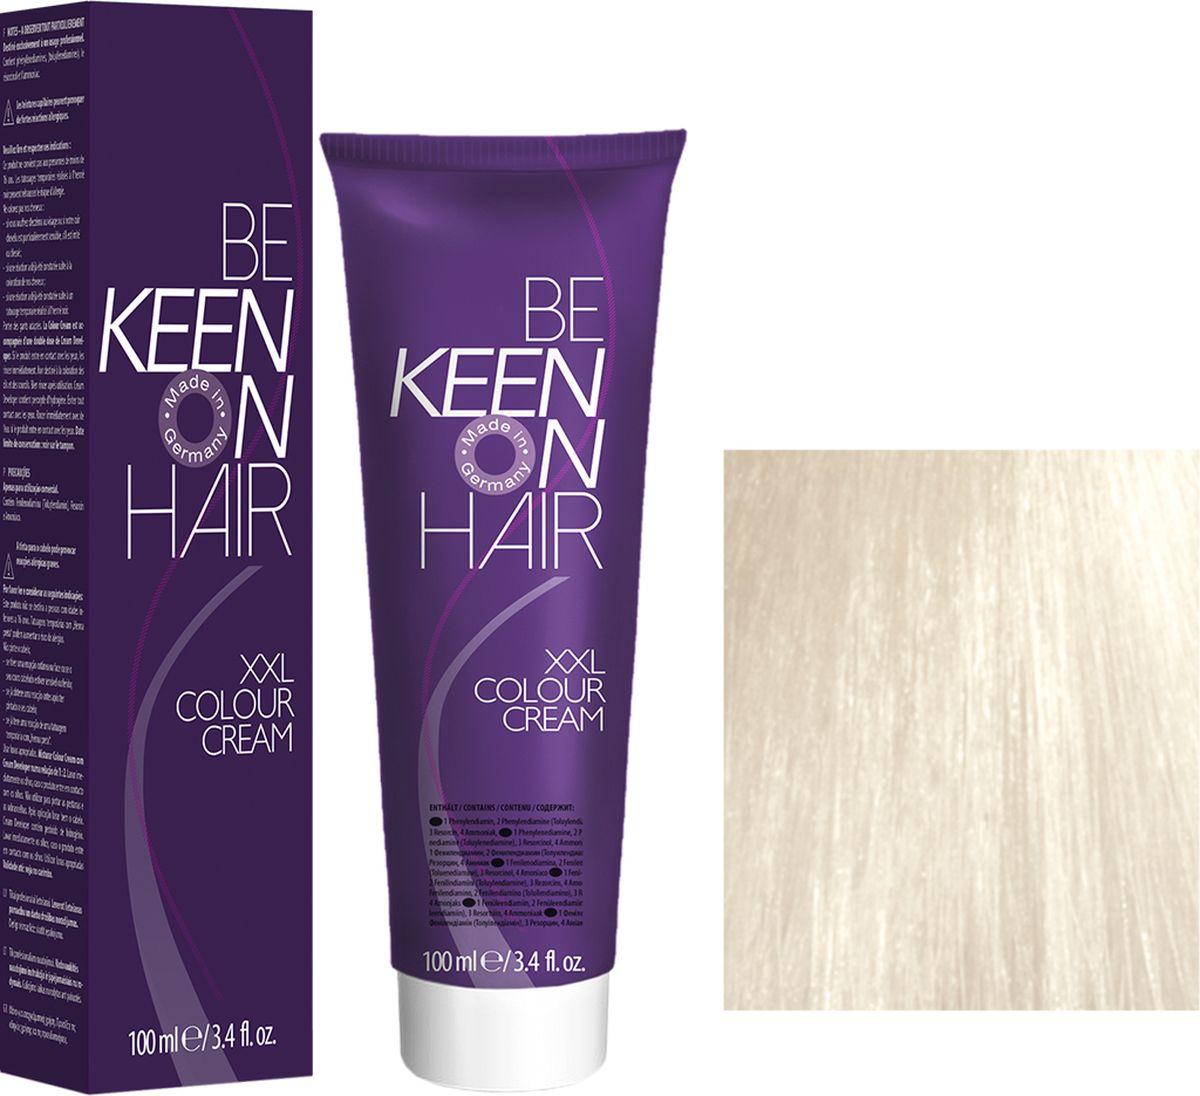 Keen Краска для волос 12.00 Платиновый блондин Platinblond, 100 мл69100103Модные оттенкиБолее 100 оттенков для креативной комбинации цветов.ЭкономичностьПри использовании тюбика 100 мл вы получаете оптимальное соотношение цены и качества!УходМолочный белок поддерживает структуру волоса во время окрашивания и придает волосам блеск и шелковистость. Протеины хорошо встраиваются в волосы и снабжают их влагой.